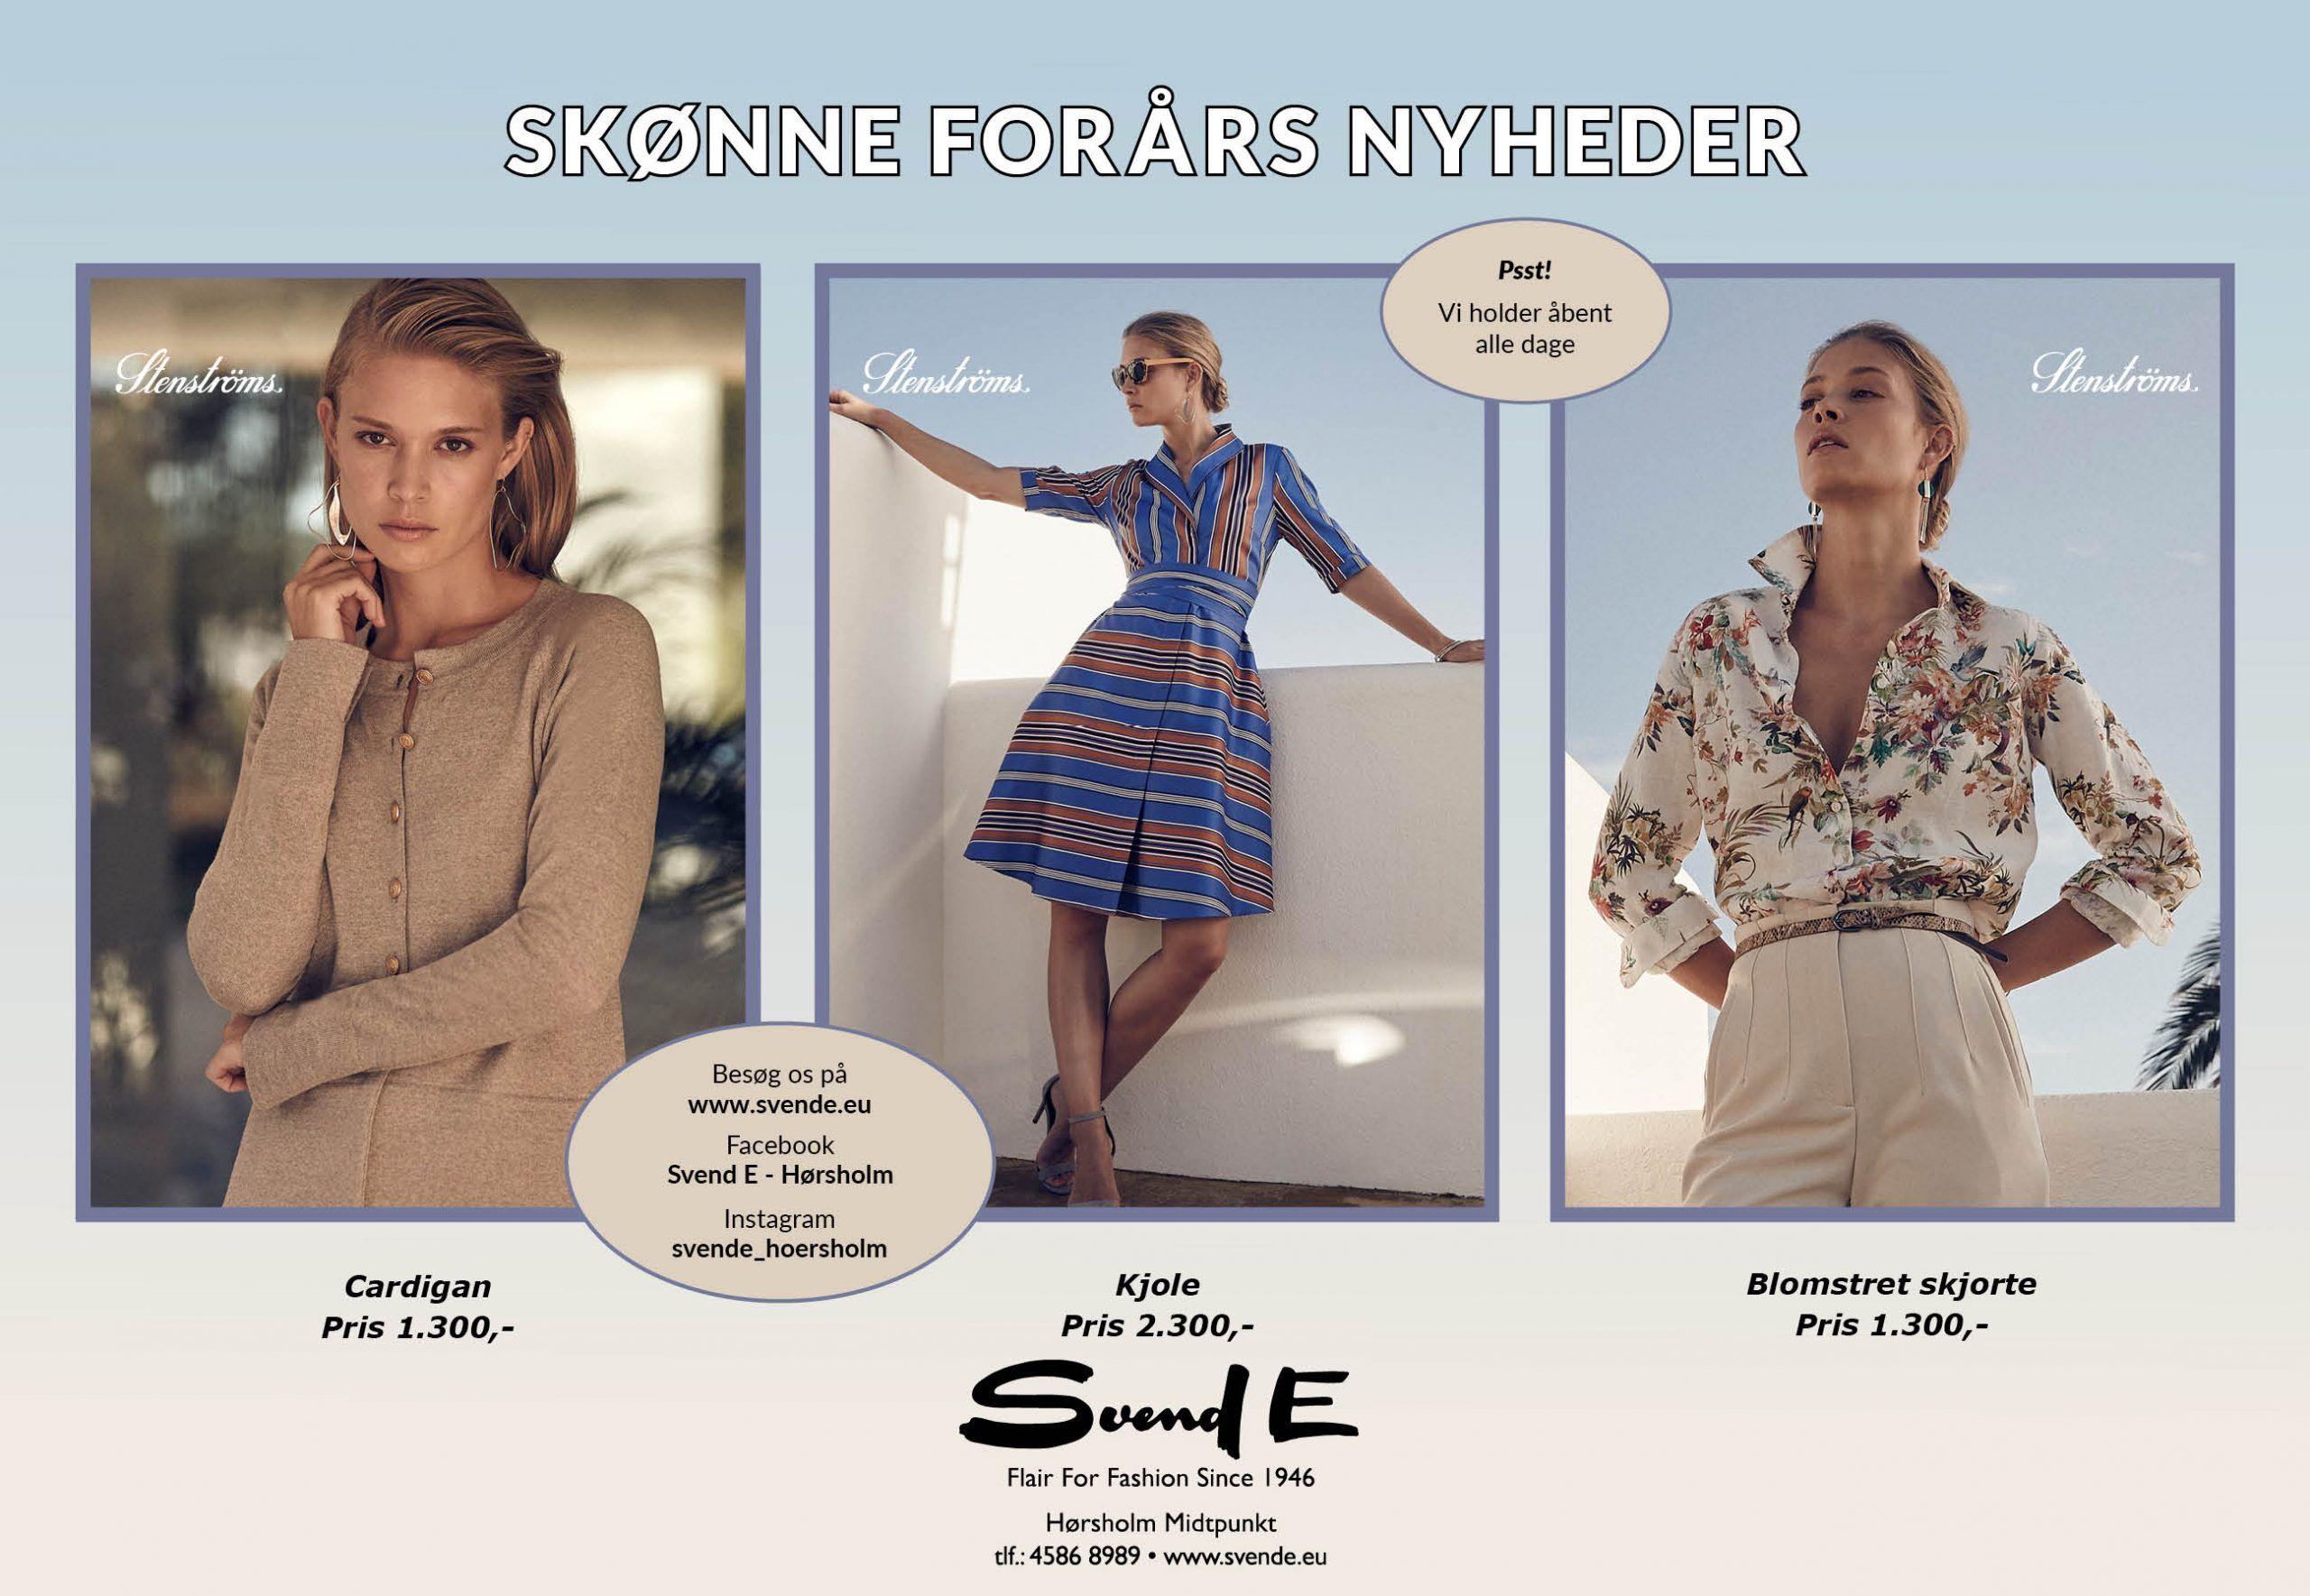 Skønne forårs nyheder fra Stenströms, nu i Liebhaverboligens magasin 🌿